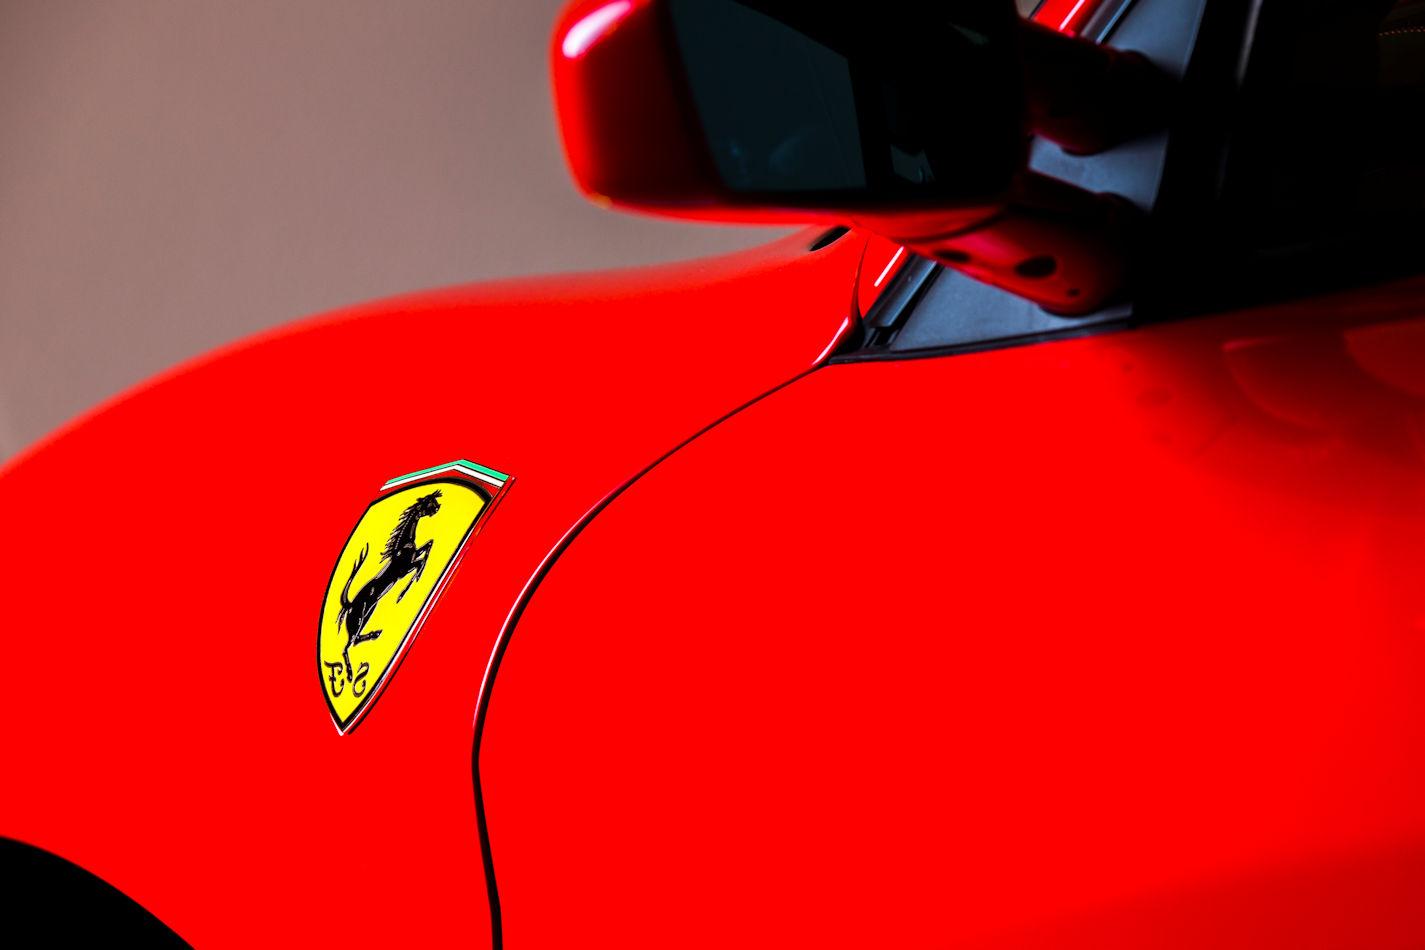 Bestuur een Ferrari F430!